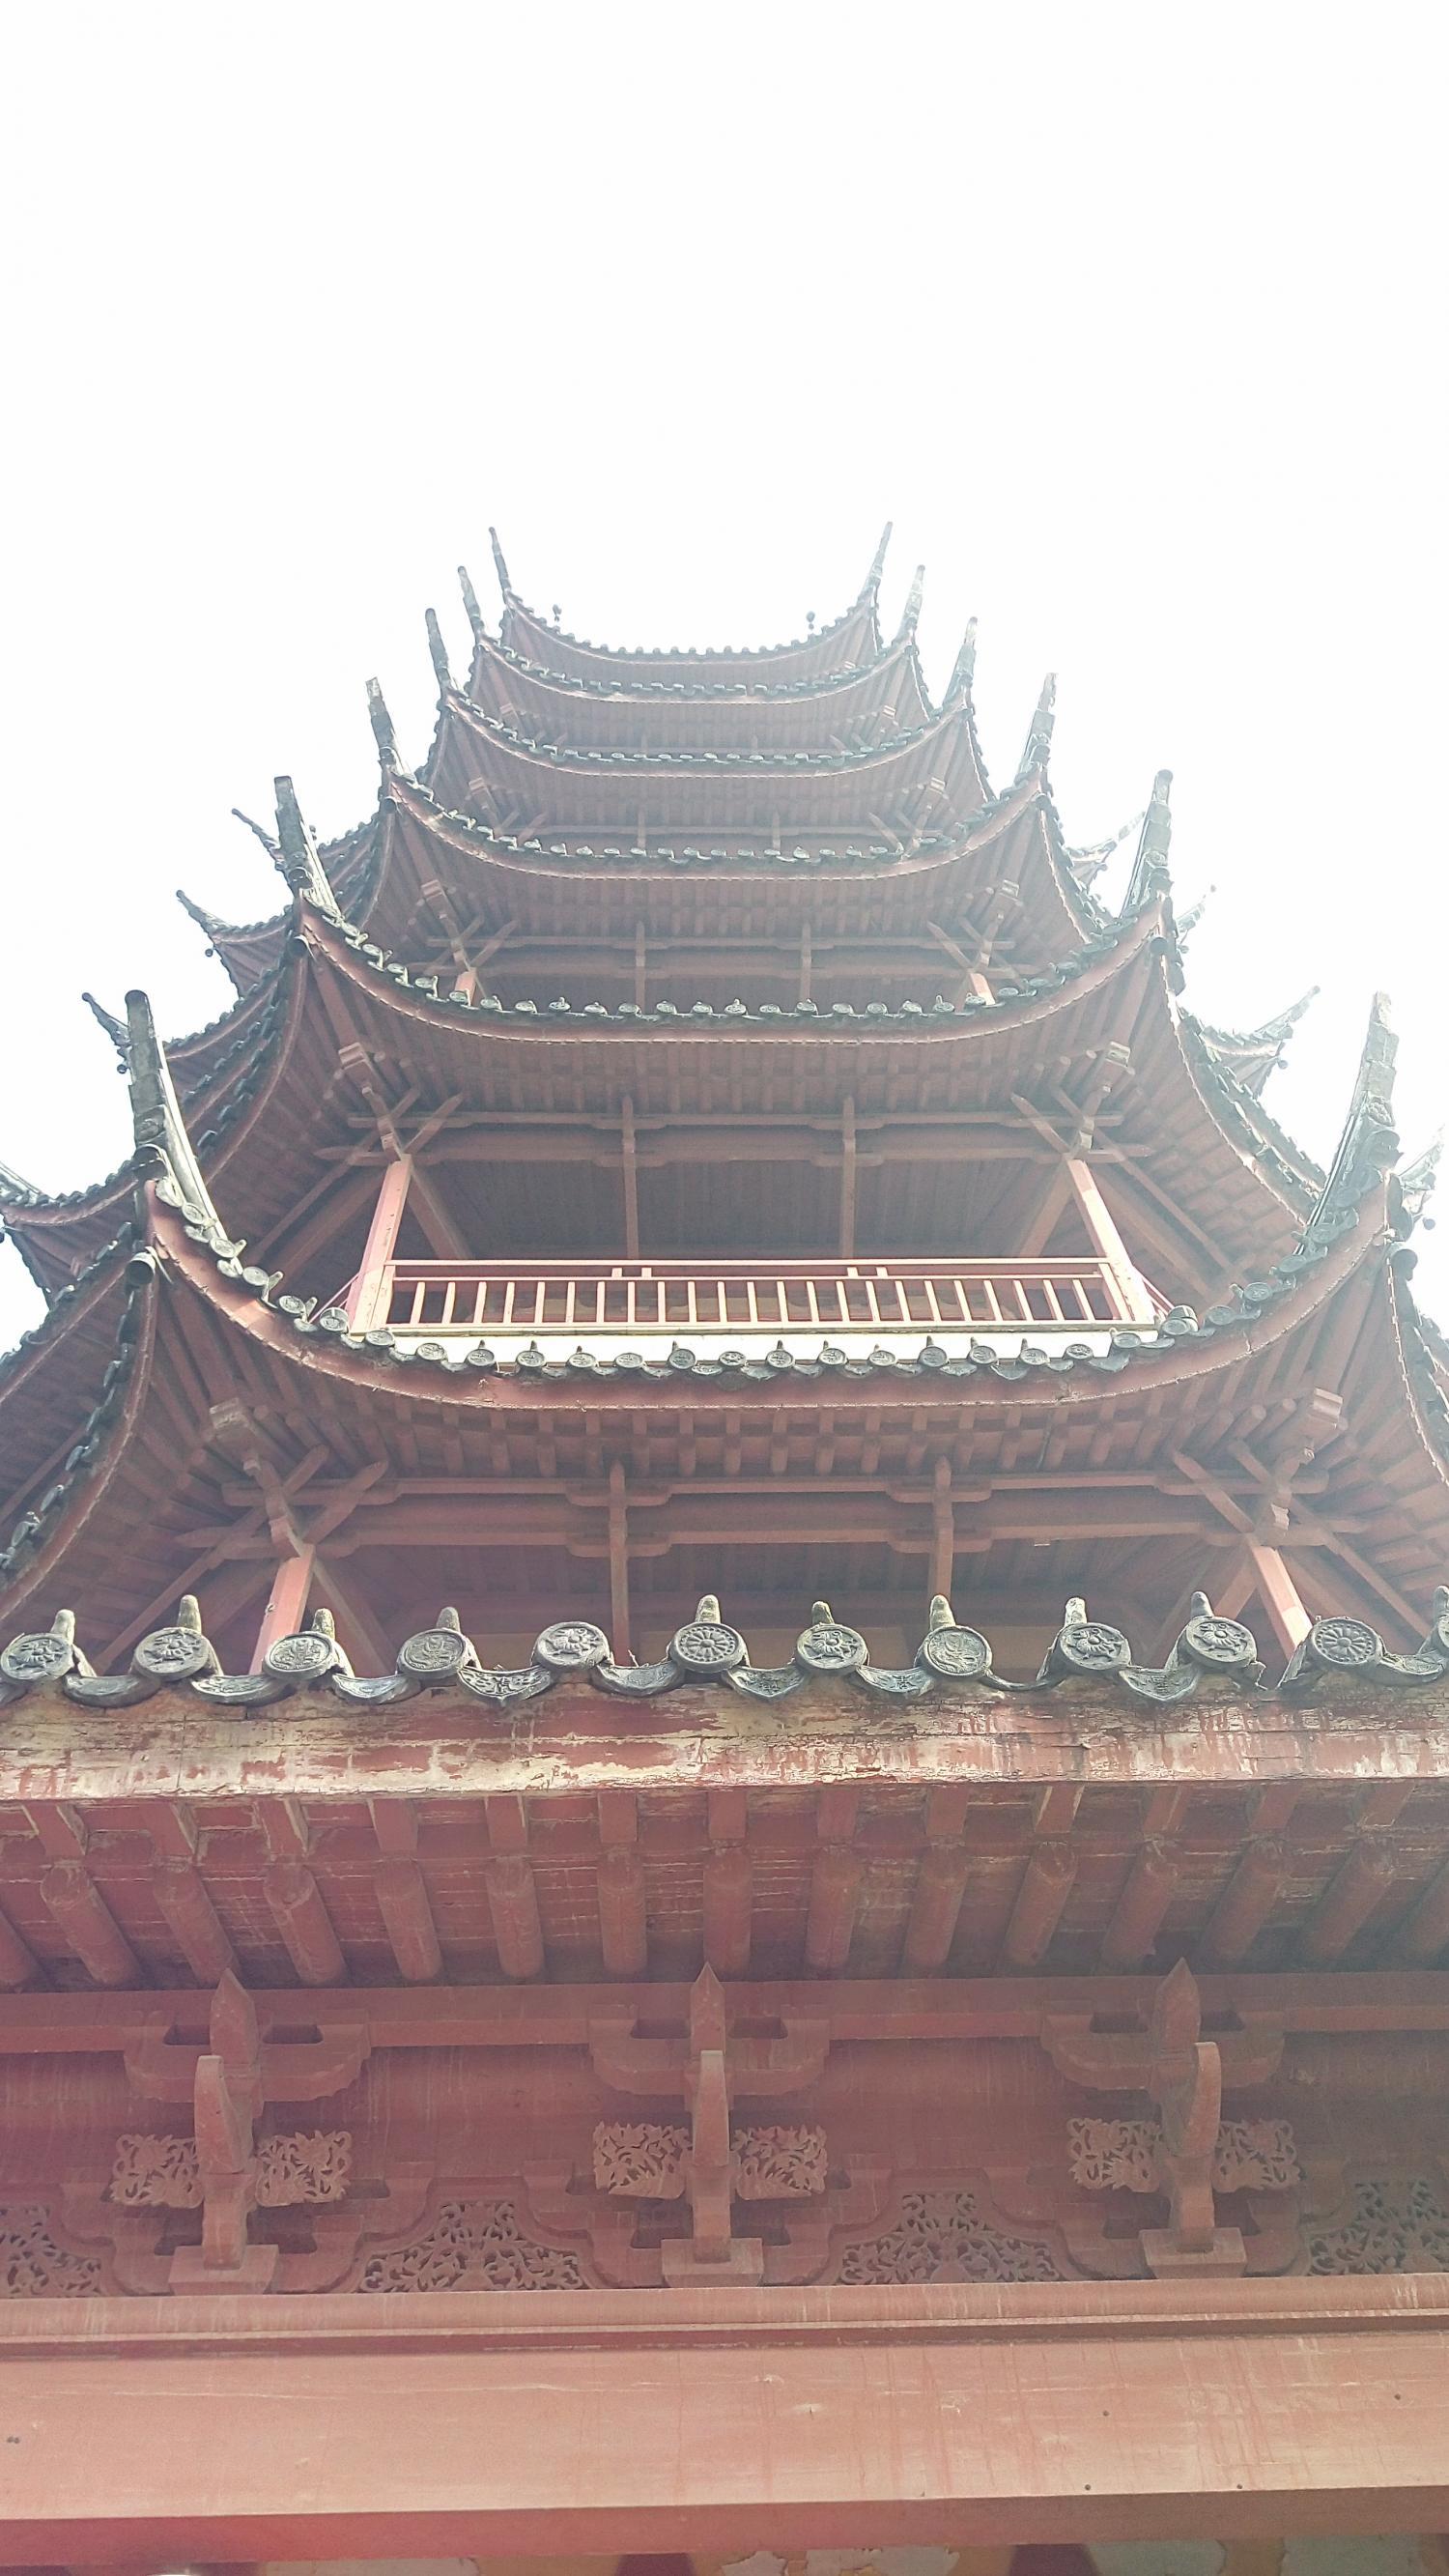 常州红梅公园的塔